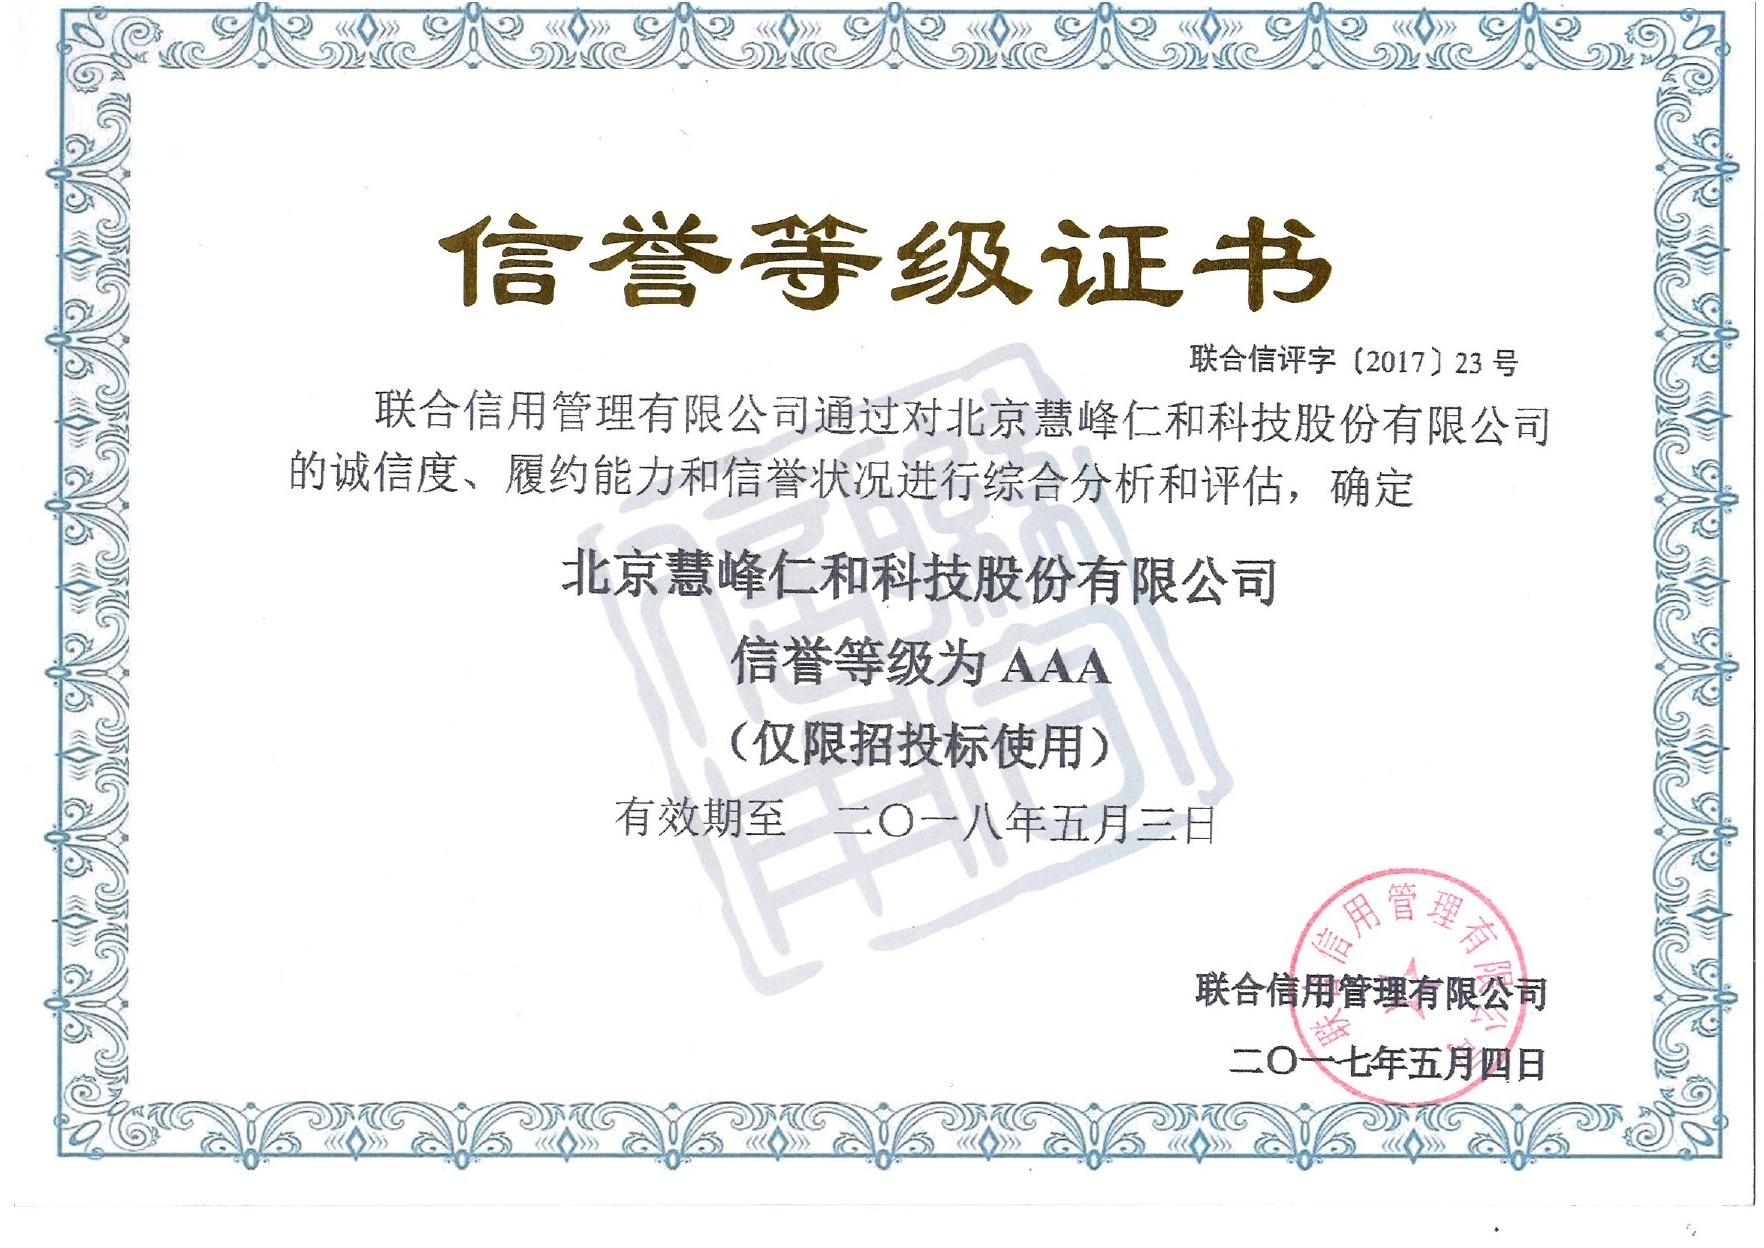 AAA信誉等级证书2017.jpg